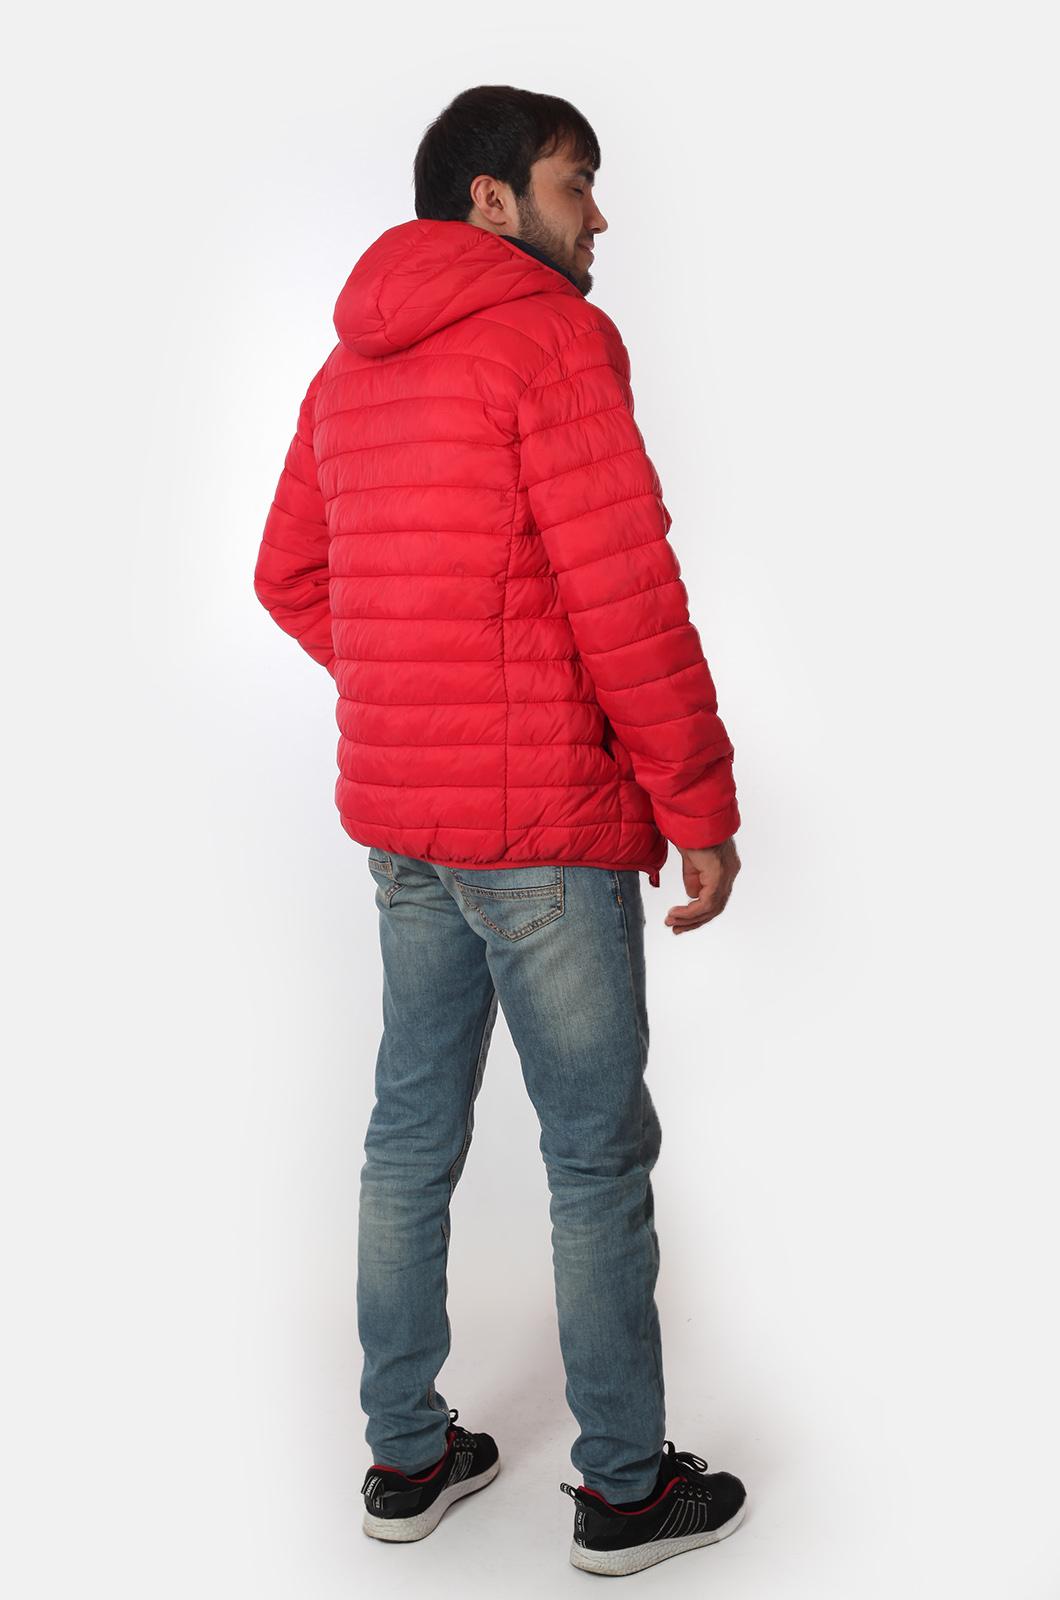 Мужская куртка красного цвета от Urb с удобной доставкой